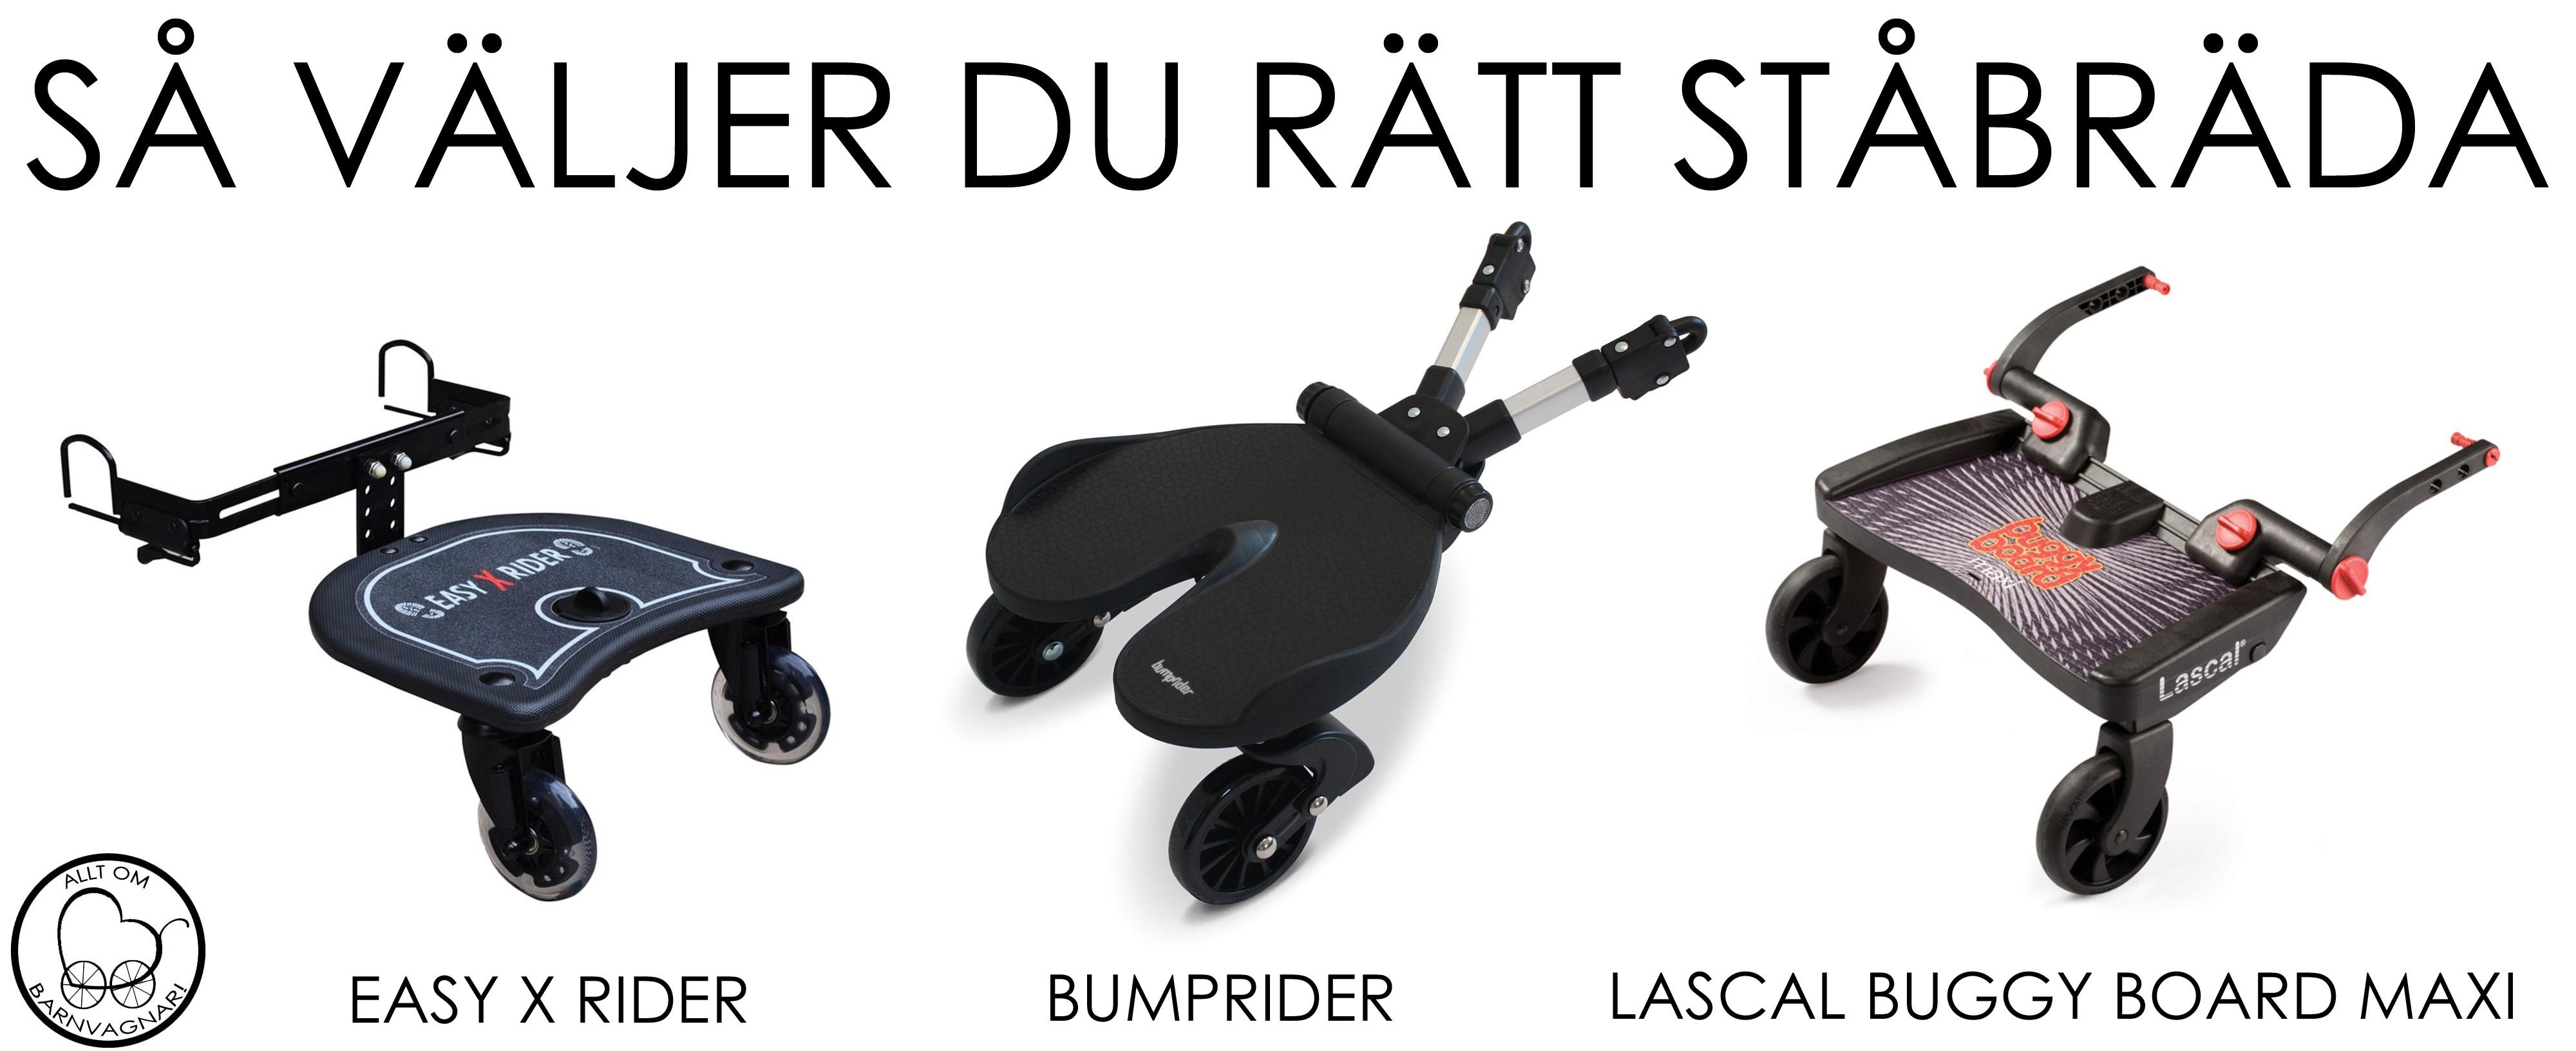 Så väljer du rätt ståbräda - jämförelse mellan Bumprider, Lascal Buggy Board Maxi och Easy X Rider